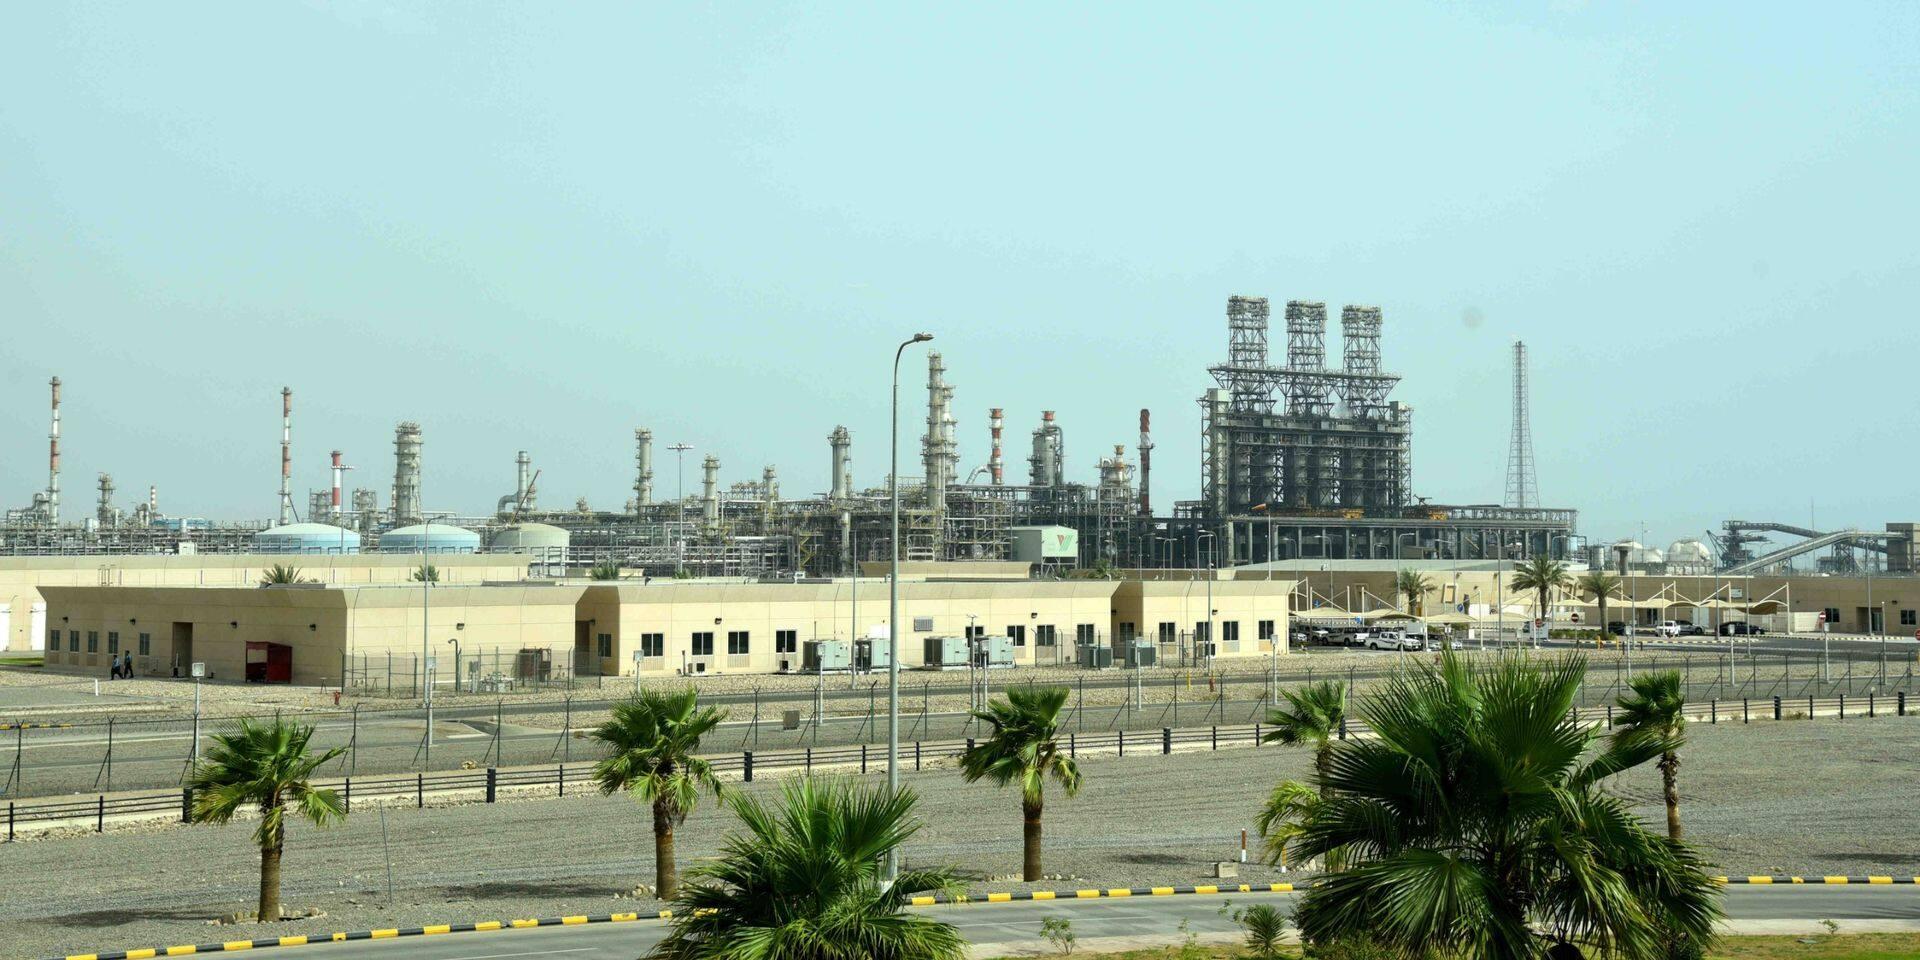 Alors que le prix du pétrole a chuté, l'Arabie saoudite va augmenter sa production et noyer le marché